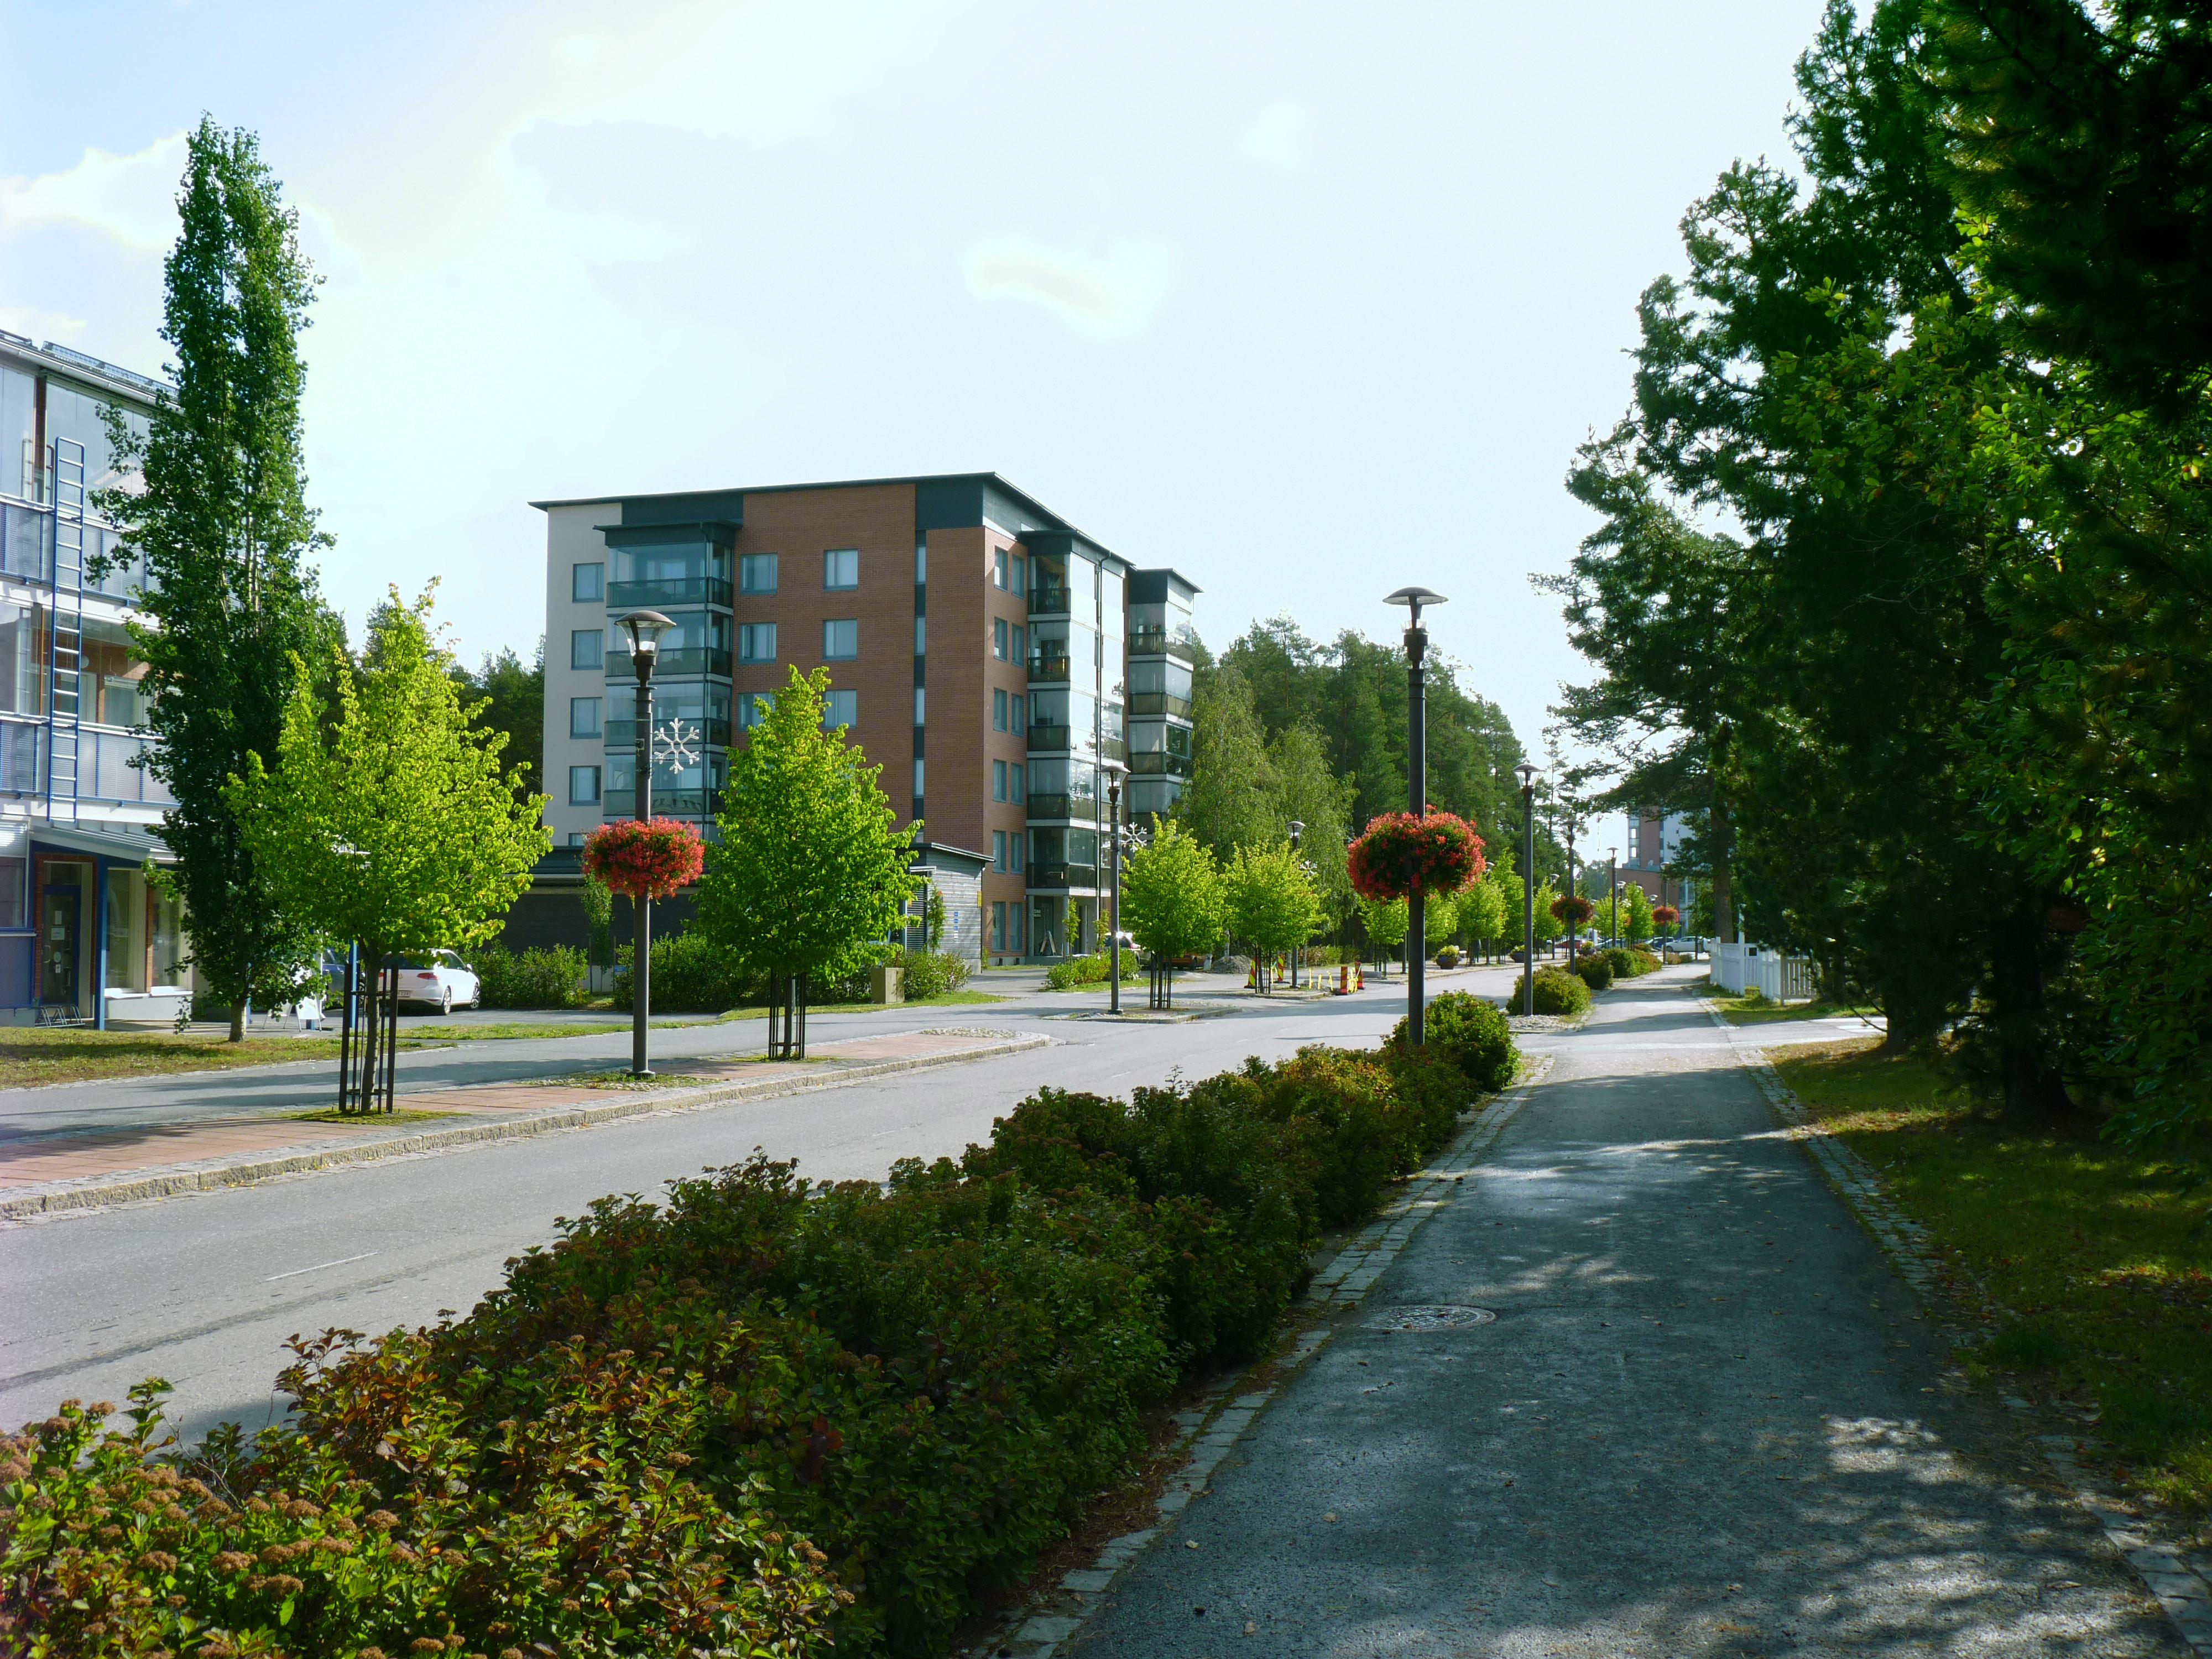 Kirkkotien näkymä. Vihreät istutukset ja katutilaa rajaavat kerrostalot.